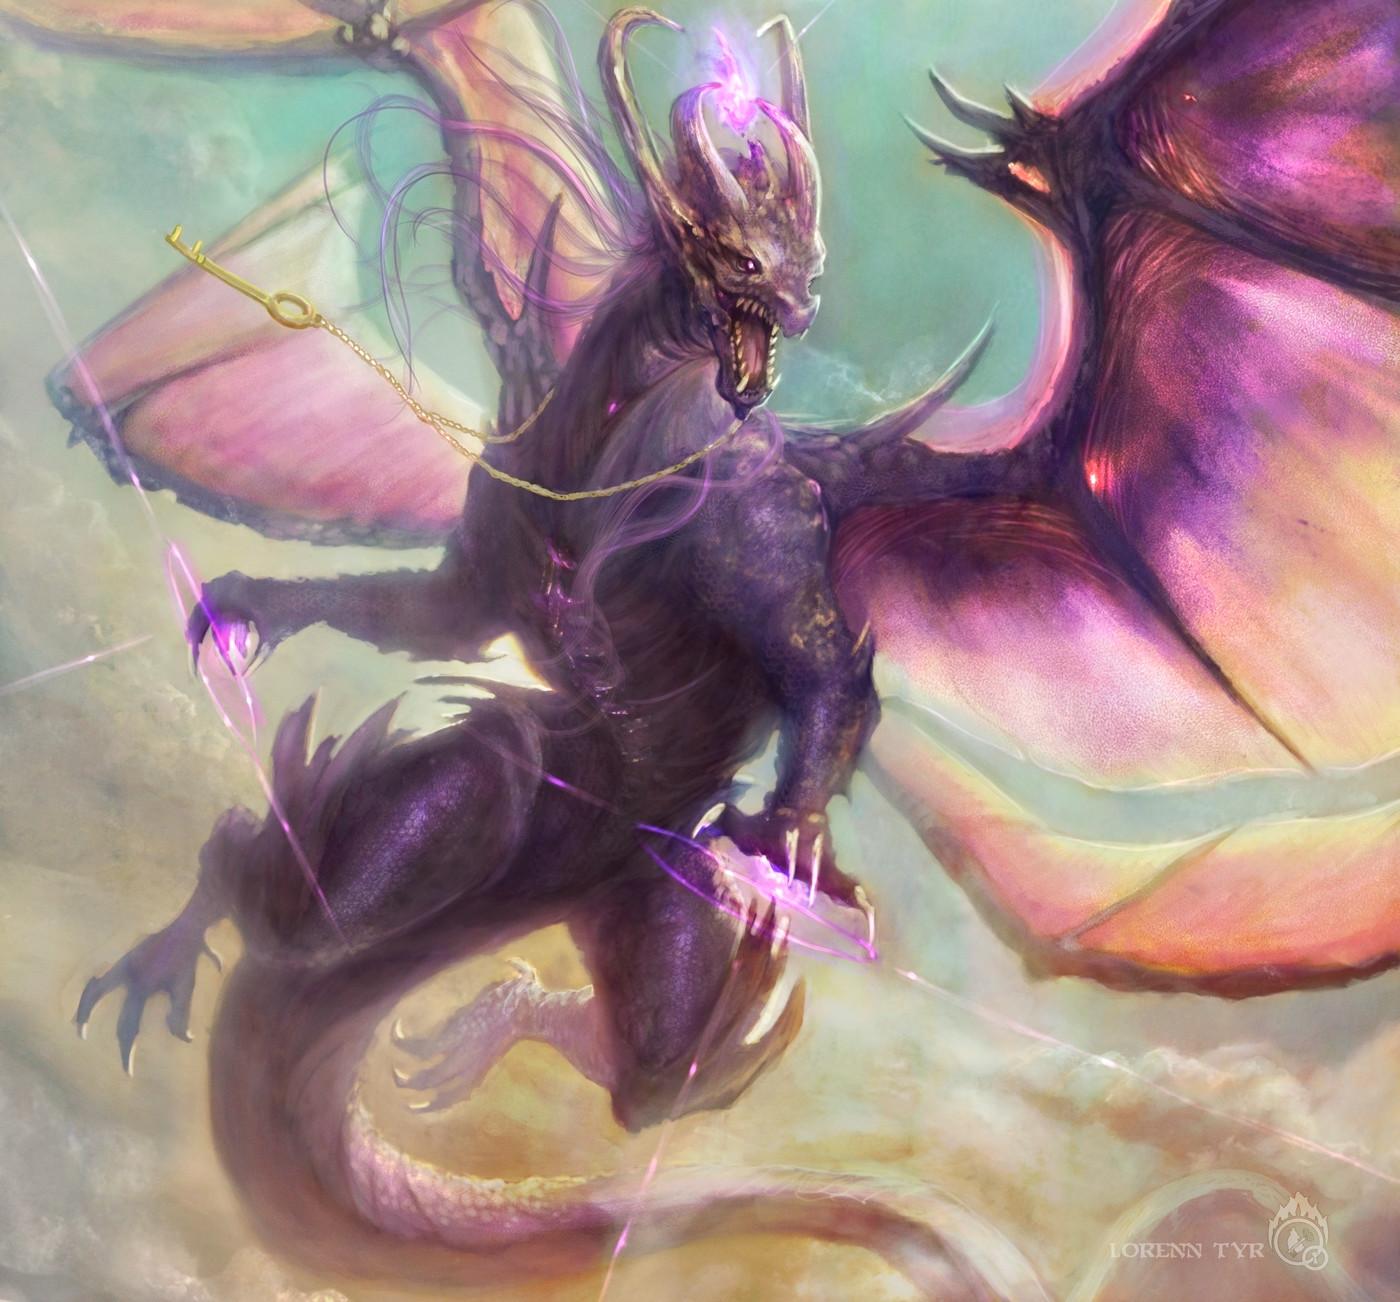 Lorenn tyr dragon poemasfin